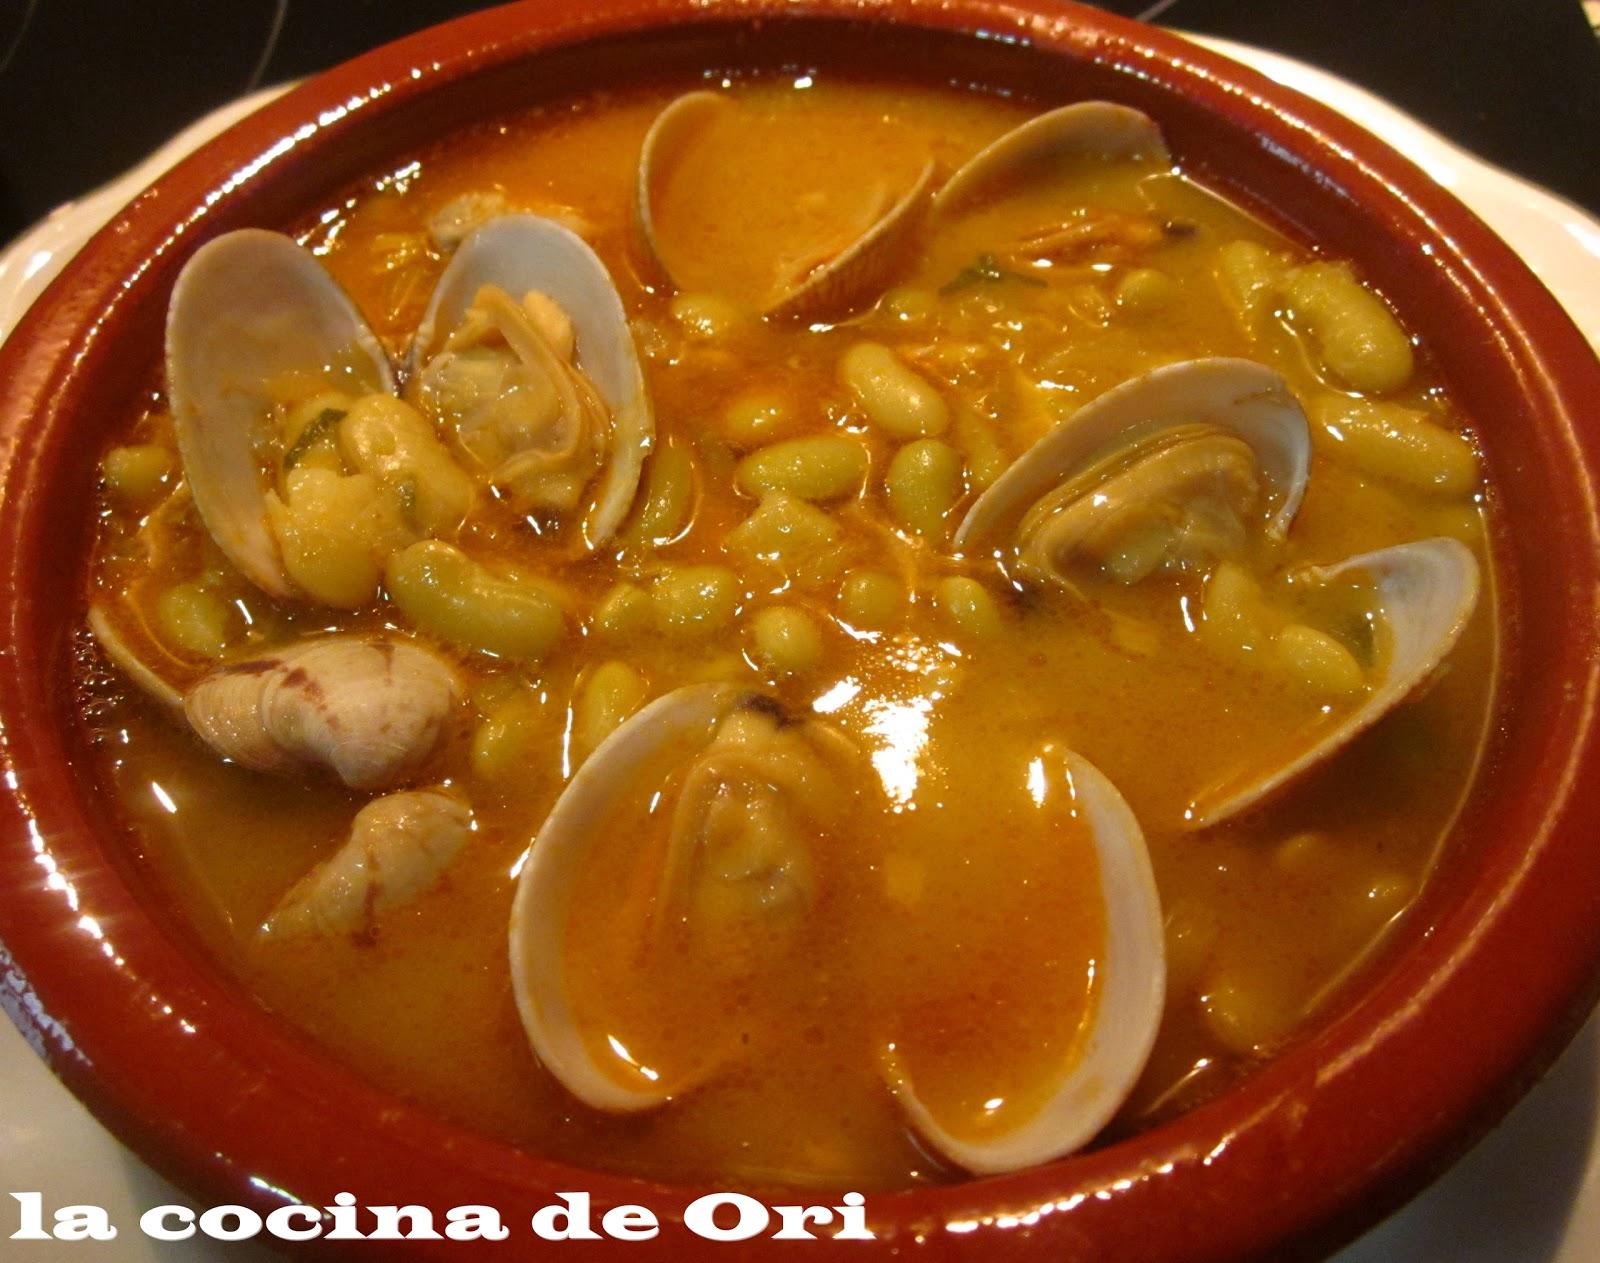 La cocina de ori verdinas con almejas for Cocina asturiana